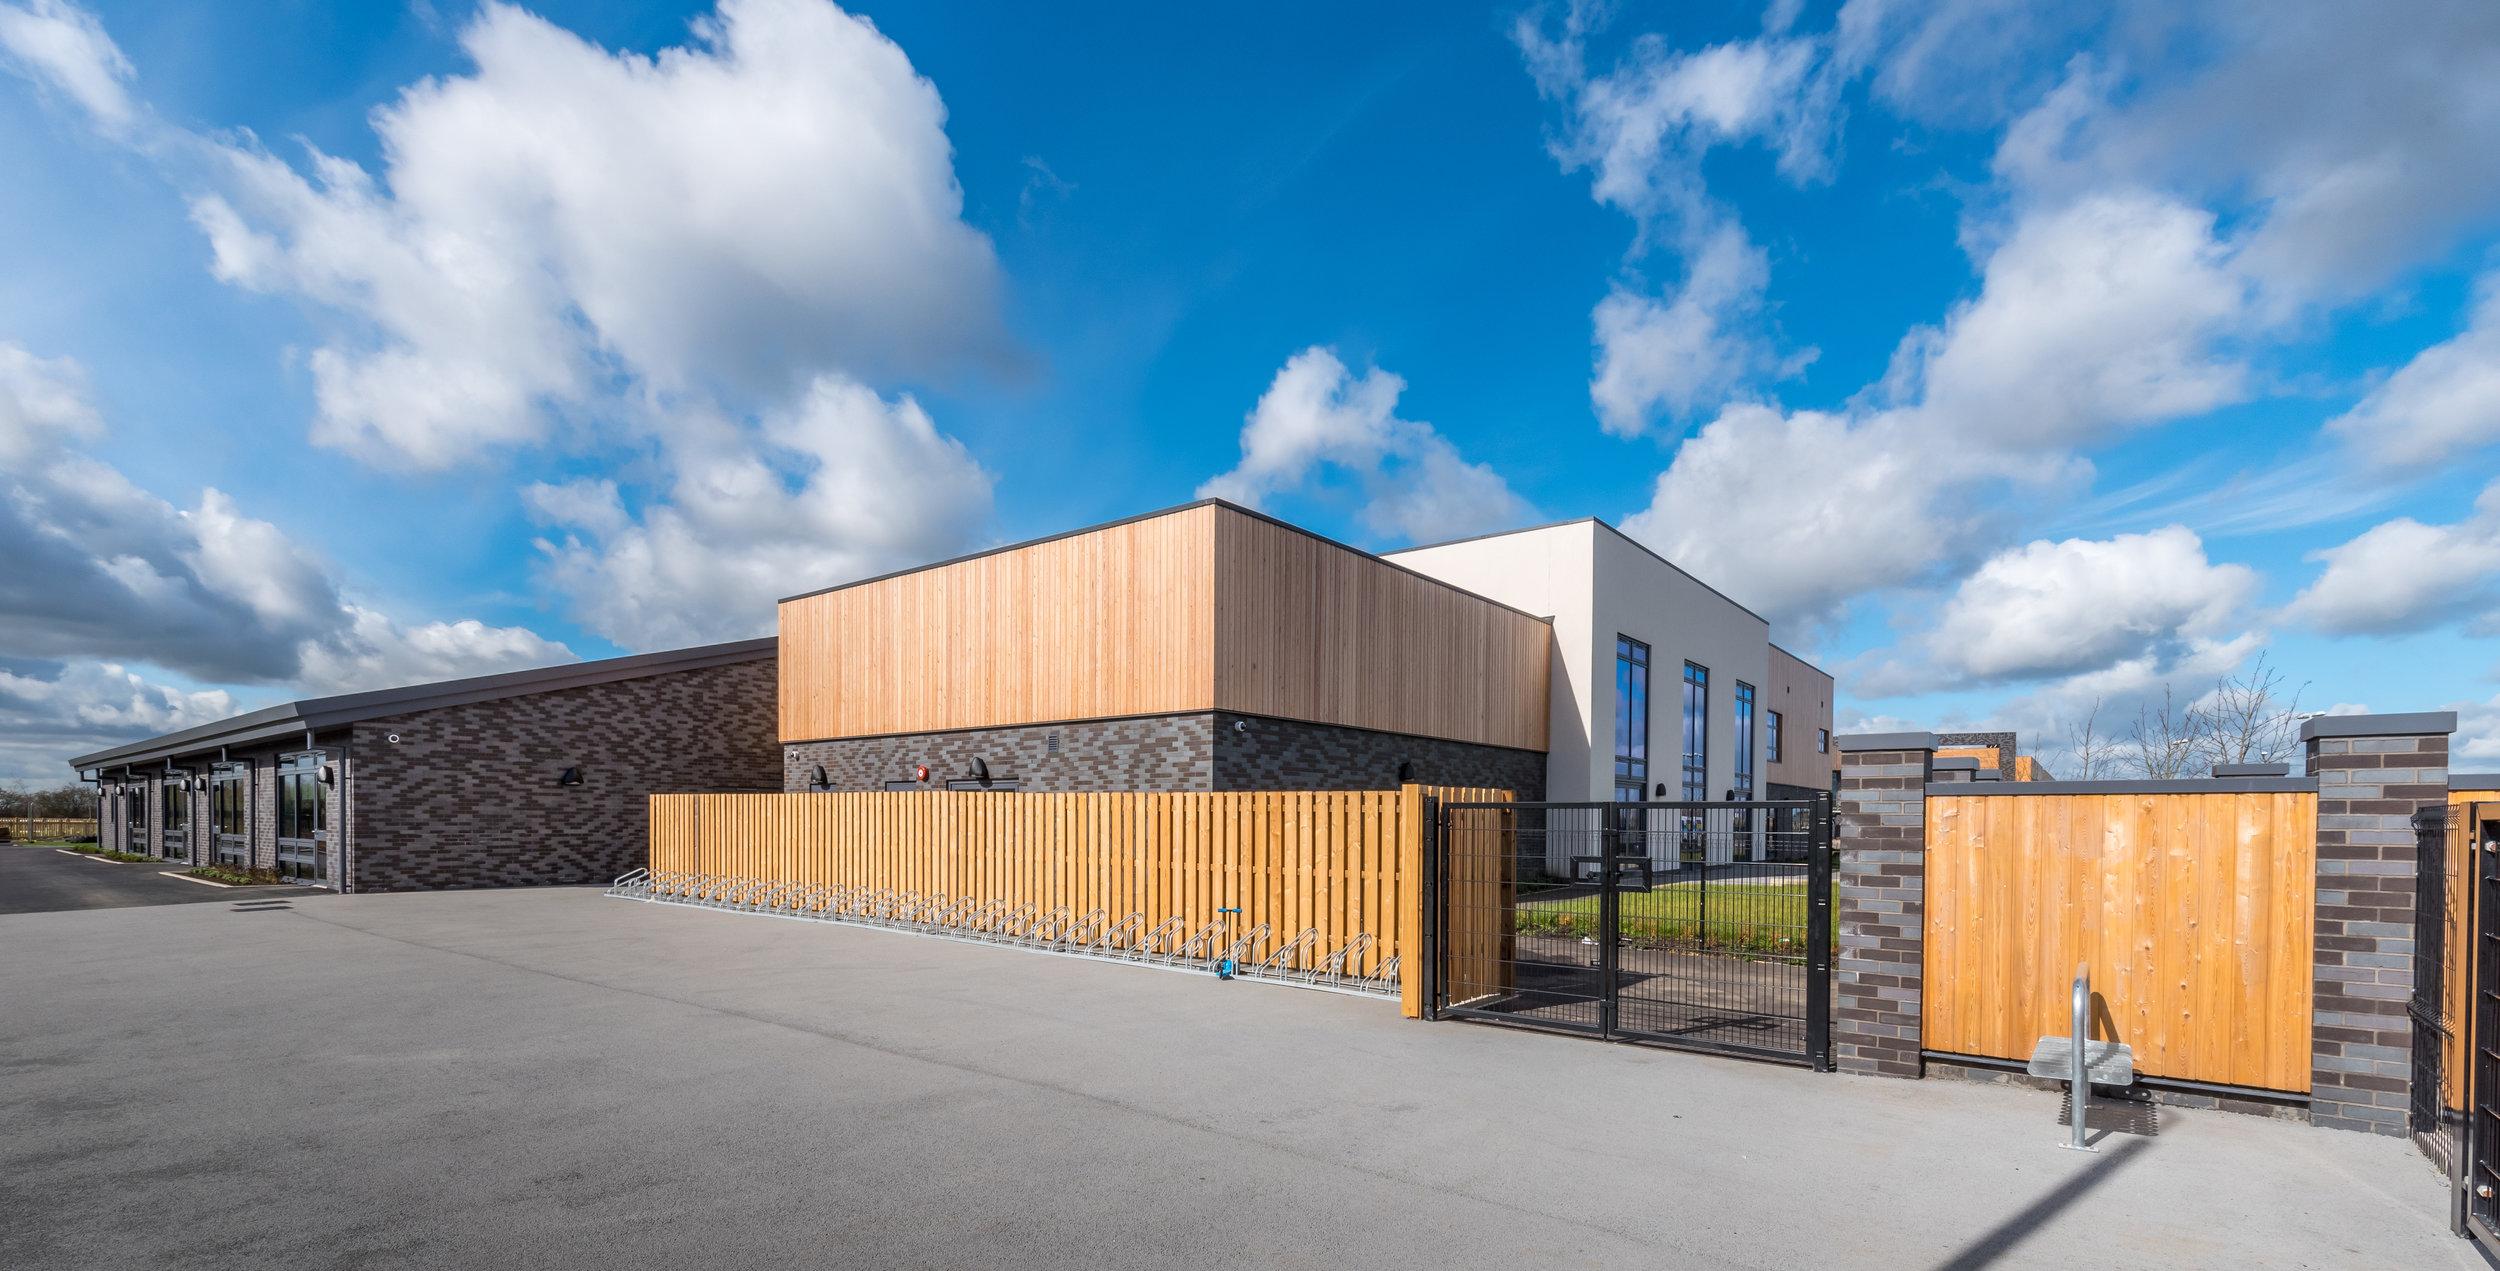 Exterior of school building in Cambourne